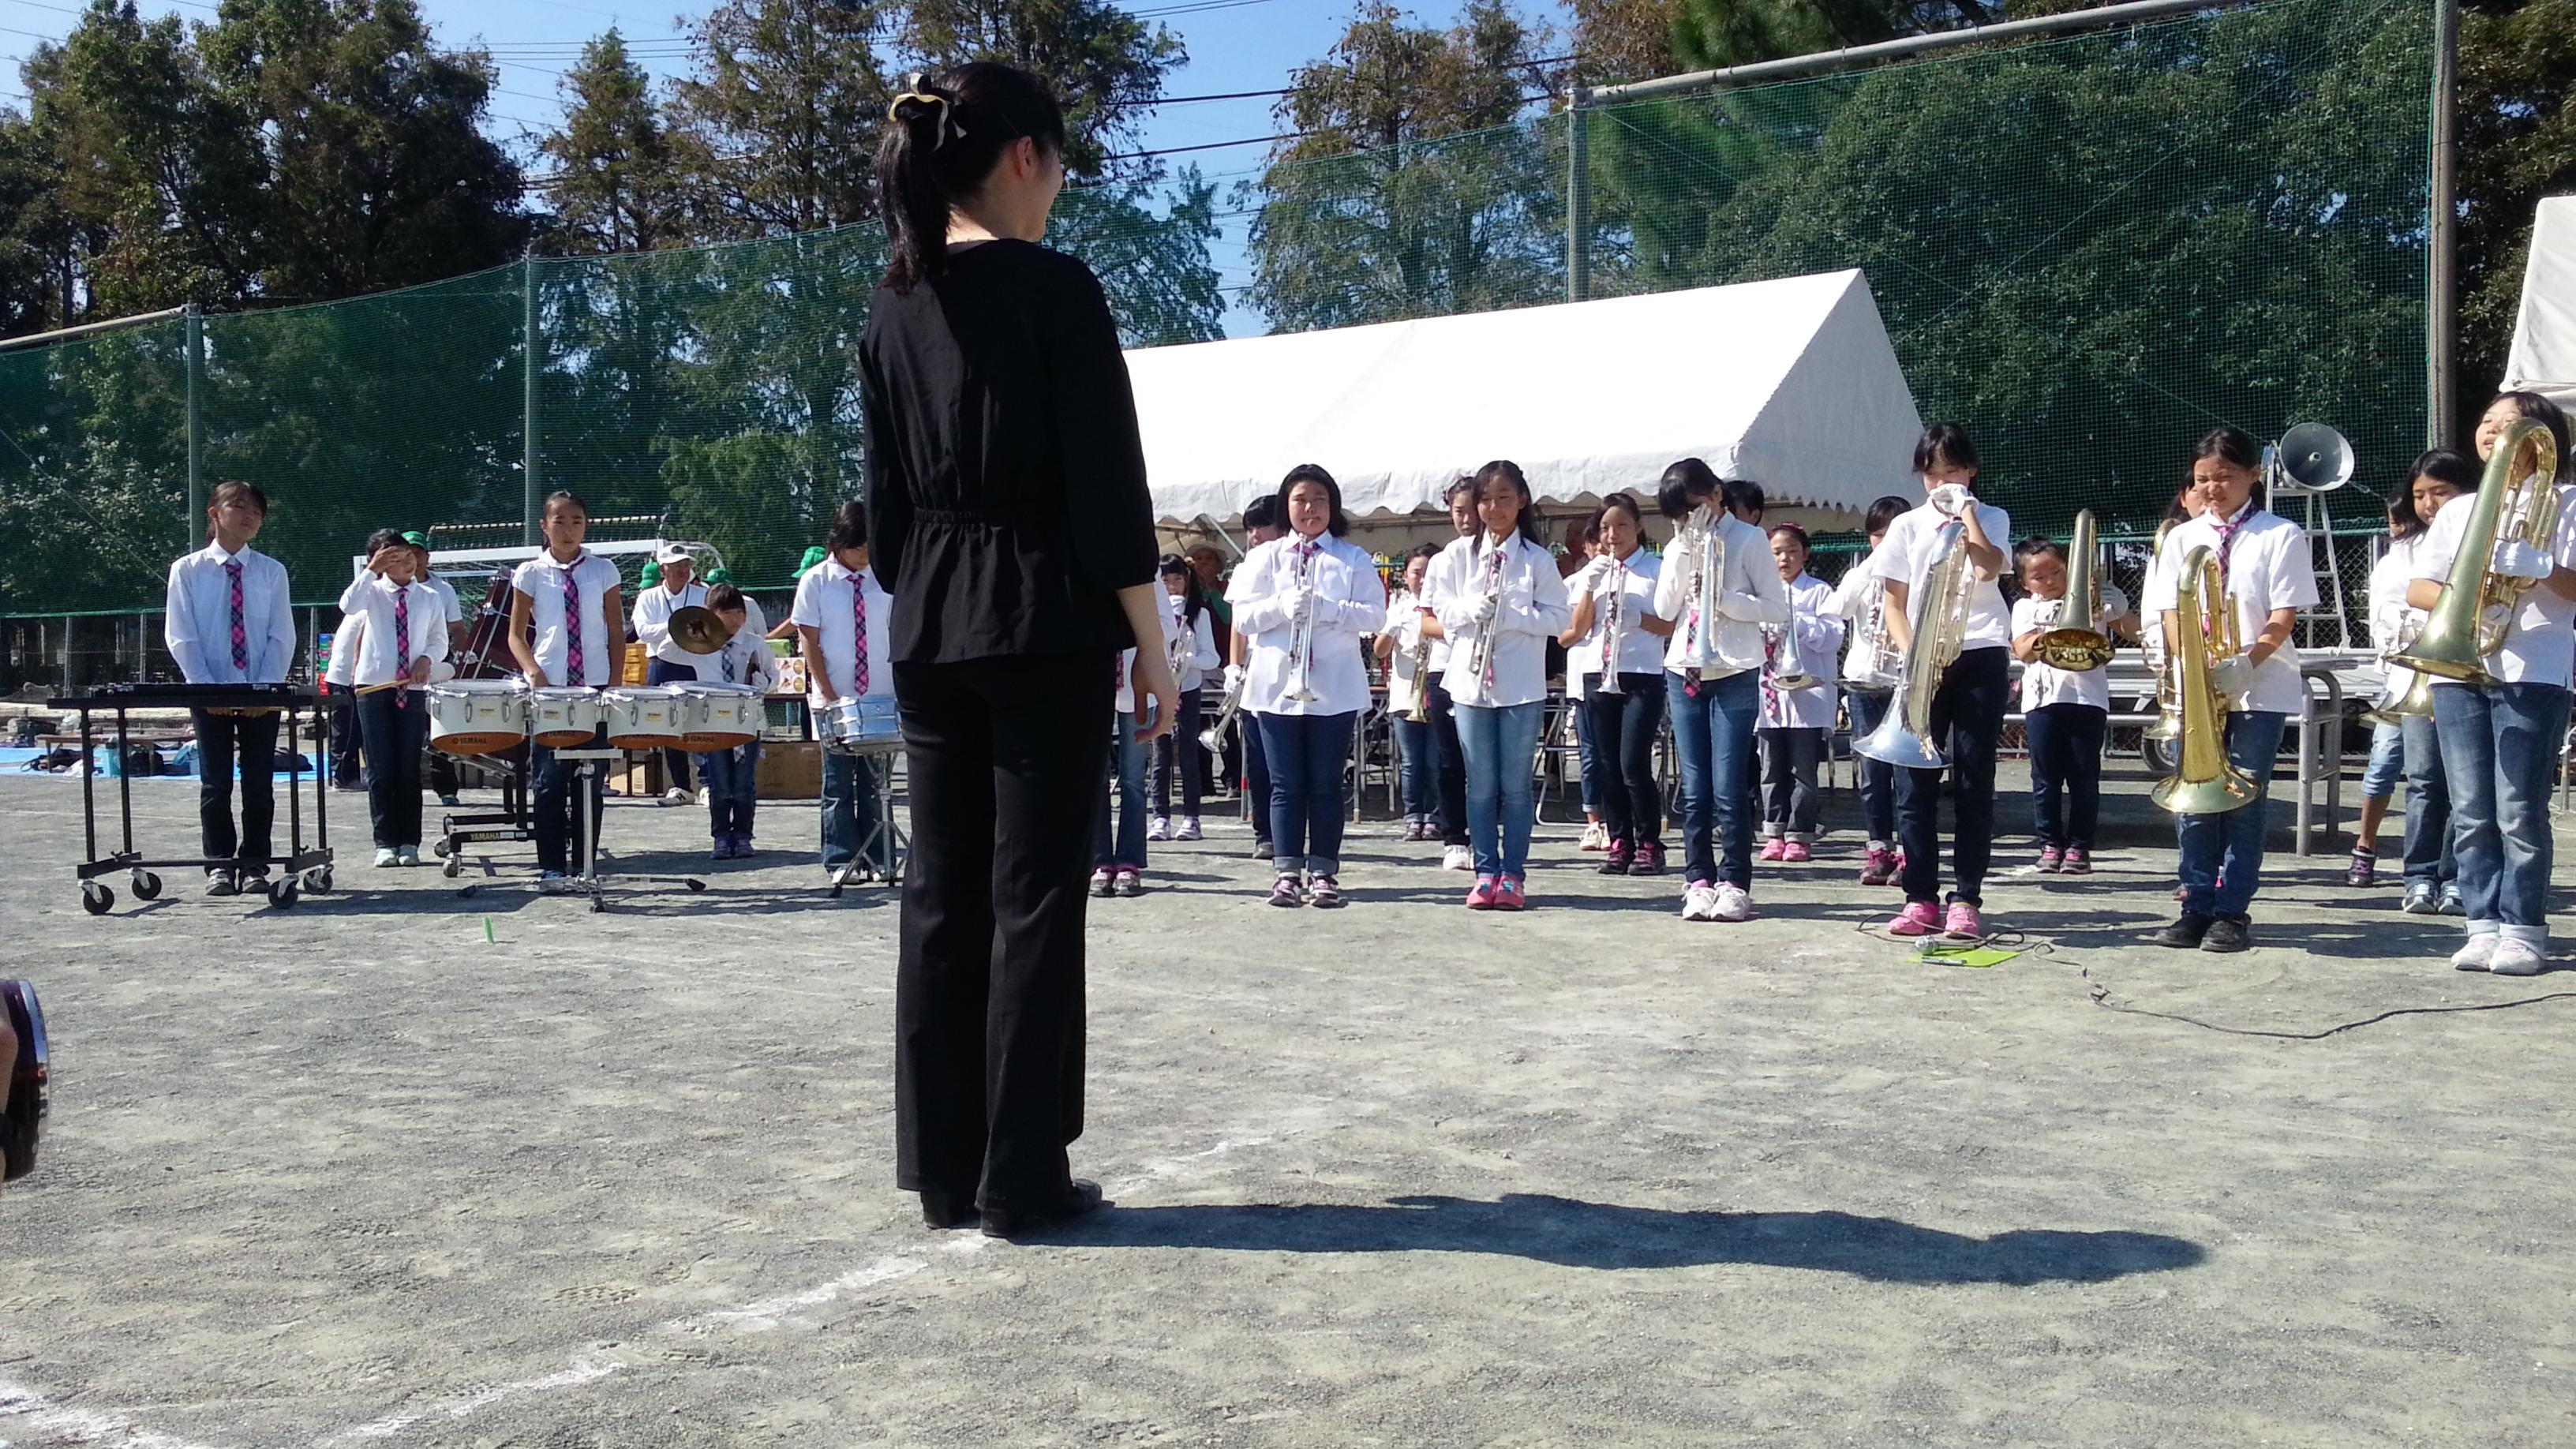 20151018_111252 古井町内会運動会 - 南部小学校金管バンド